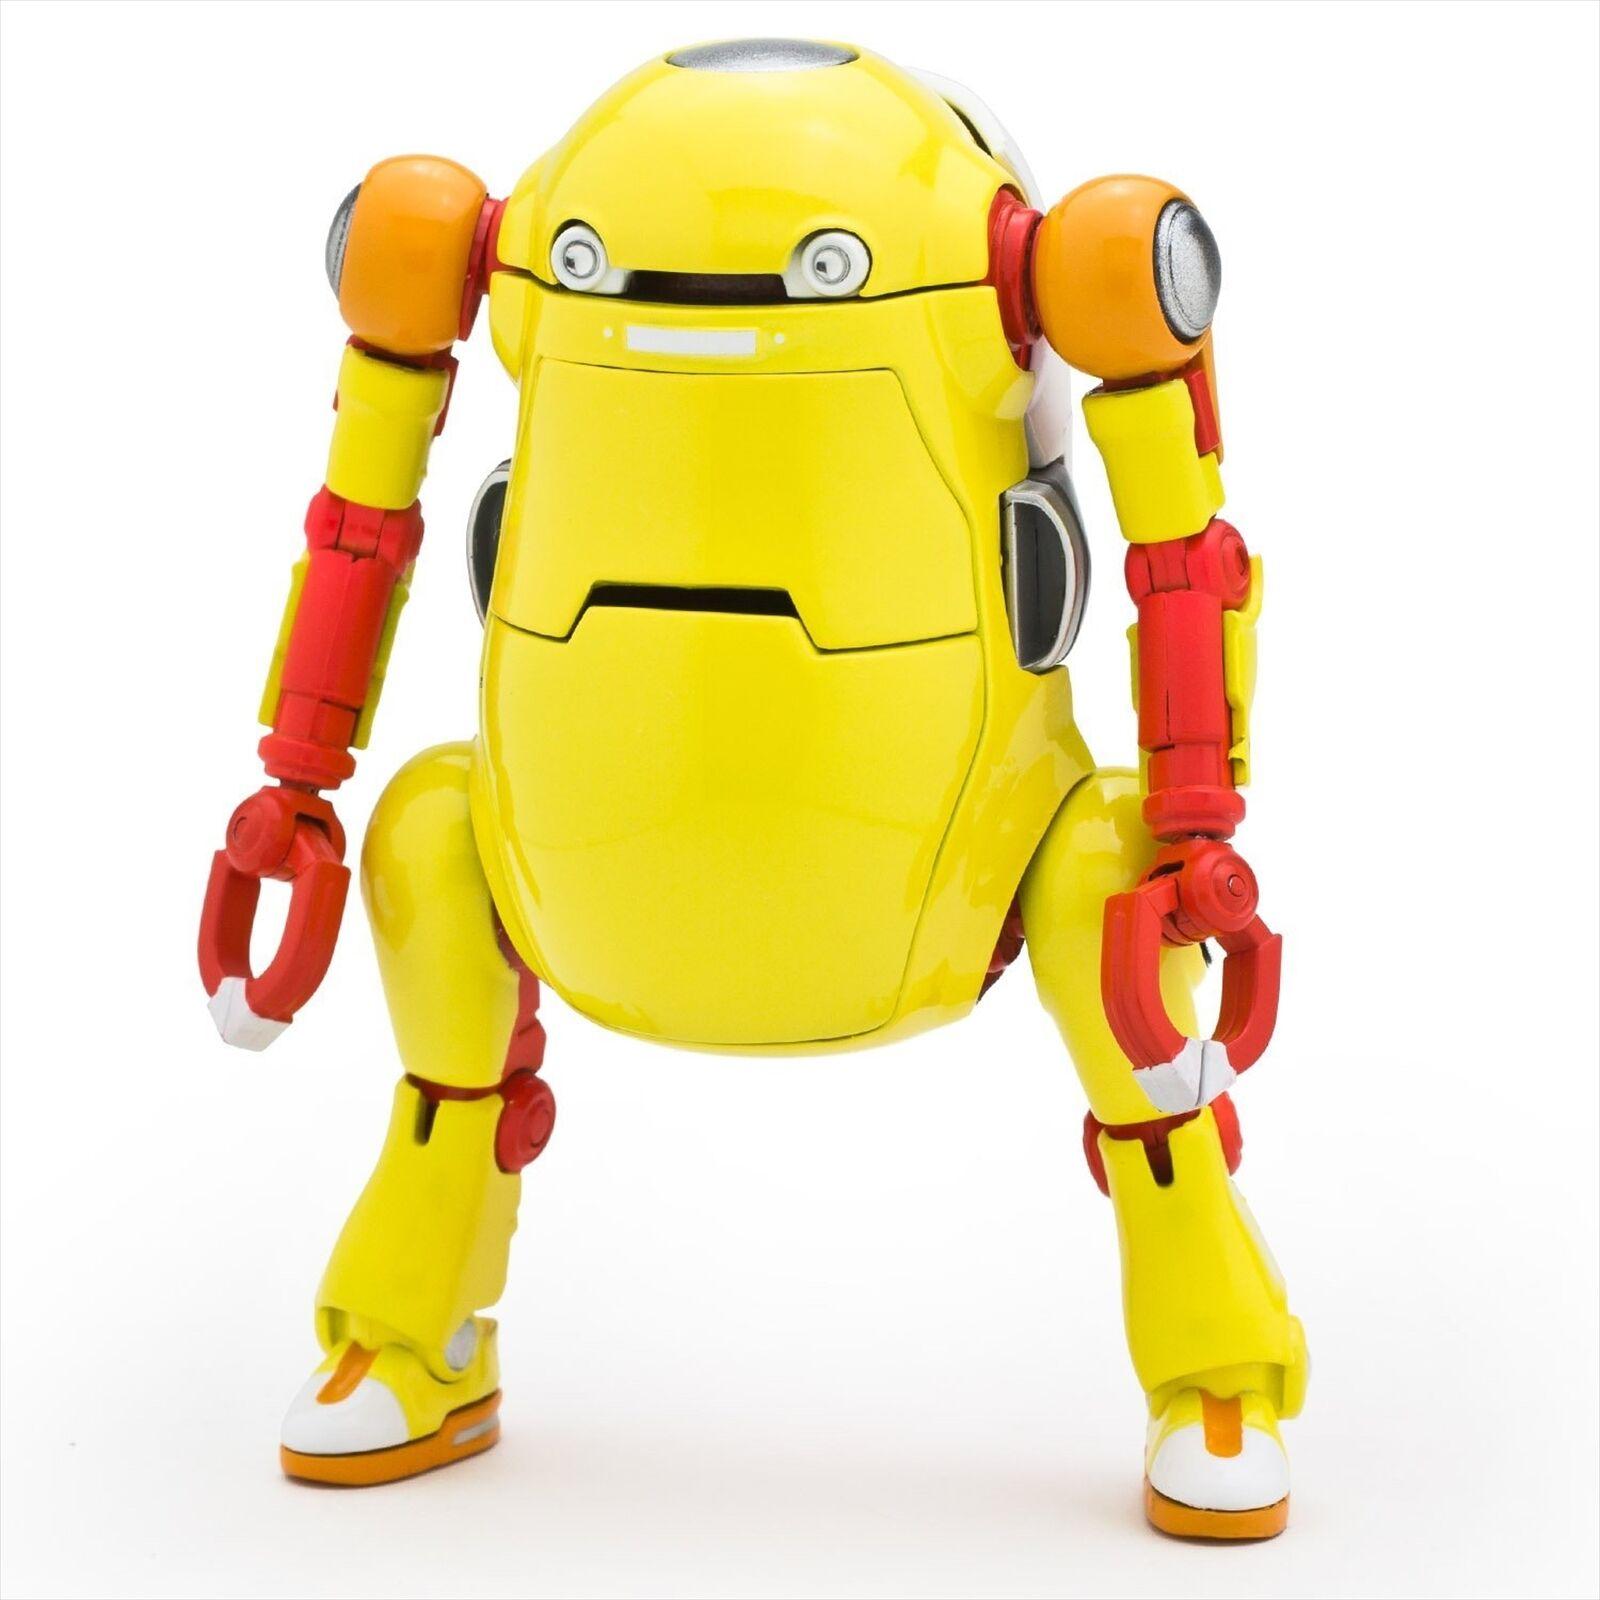 Sentinel Mechatro WeGo Vivid Yellow 1 35 Scale Action Figure